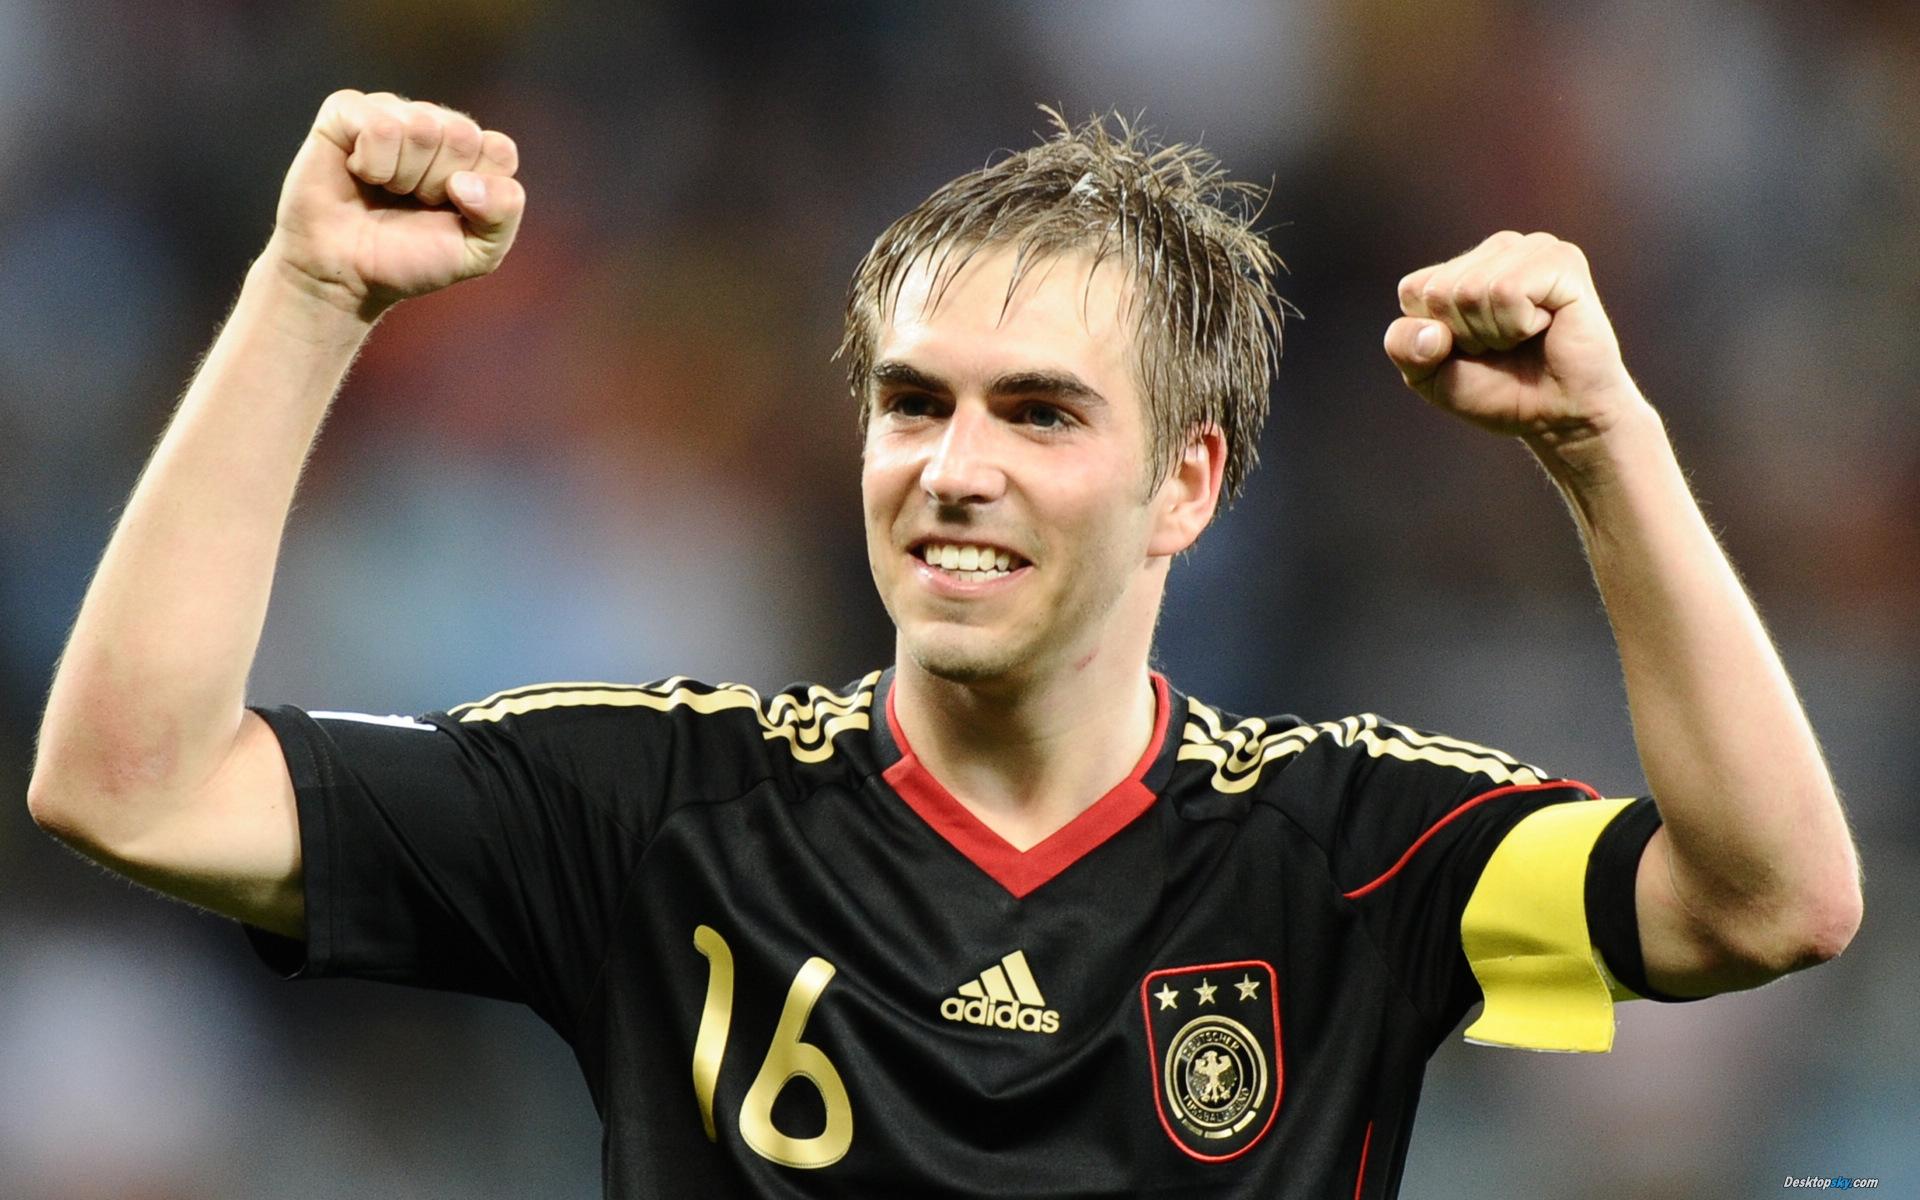 _The_captain_of_team_Bayern_Philipp_Lahm